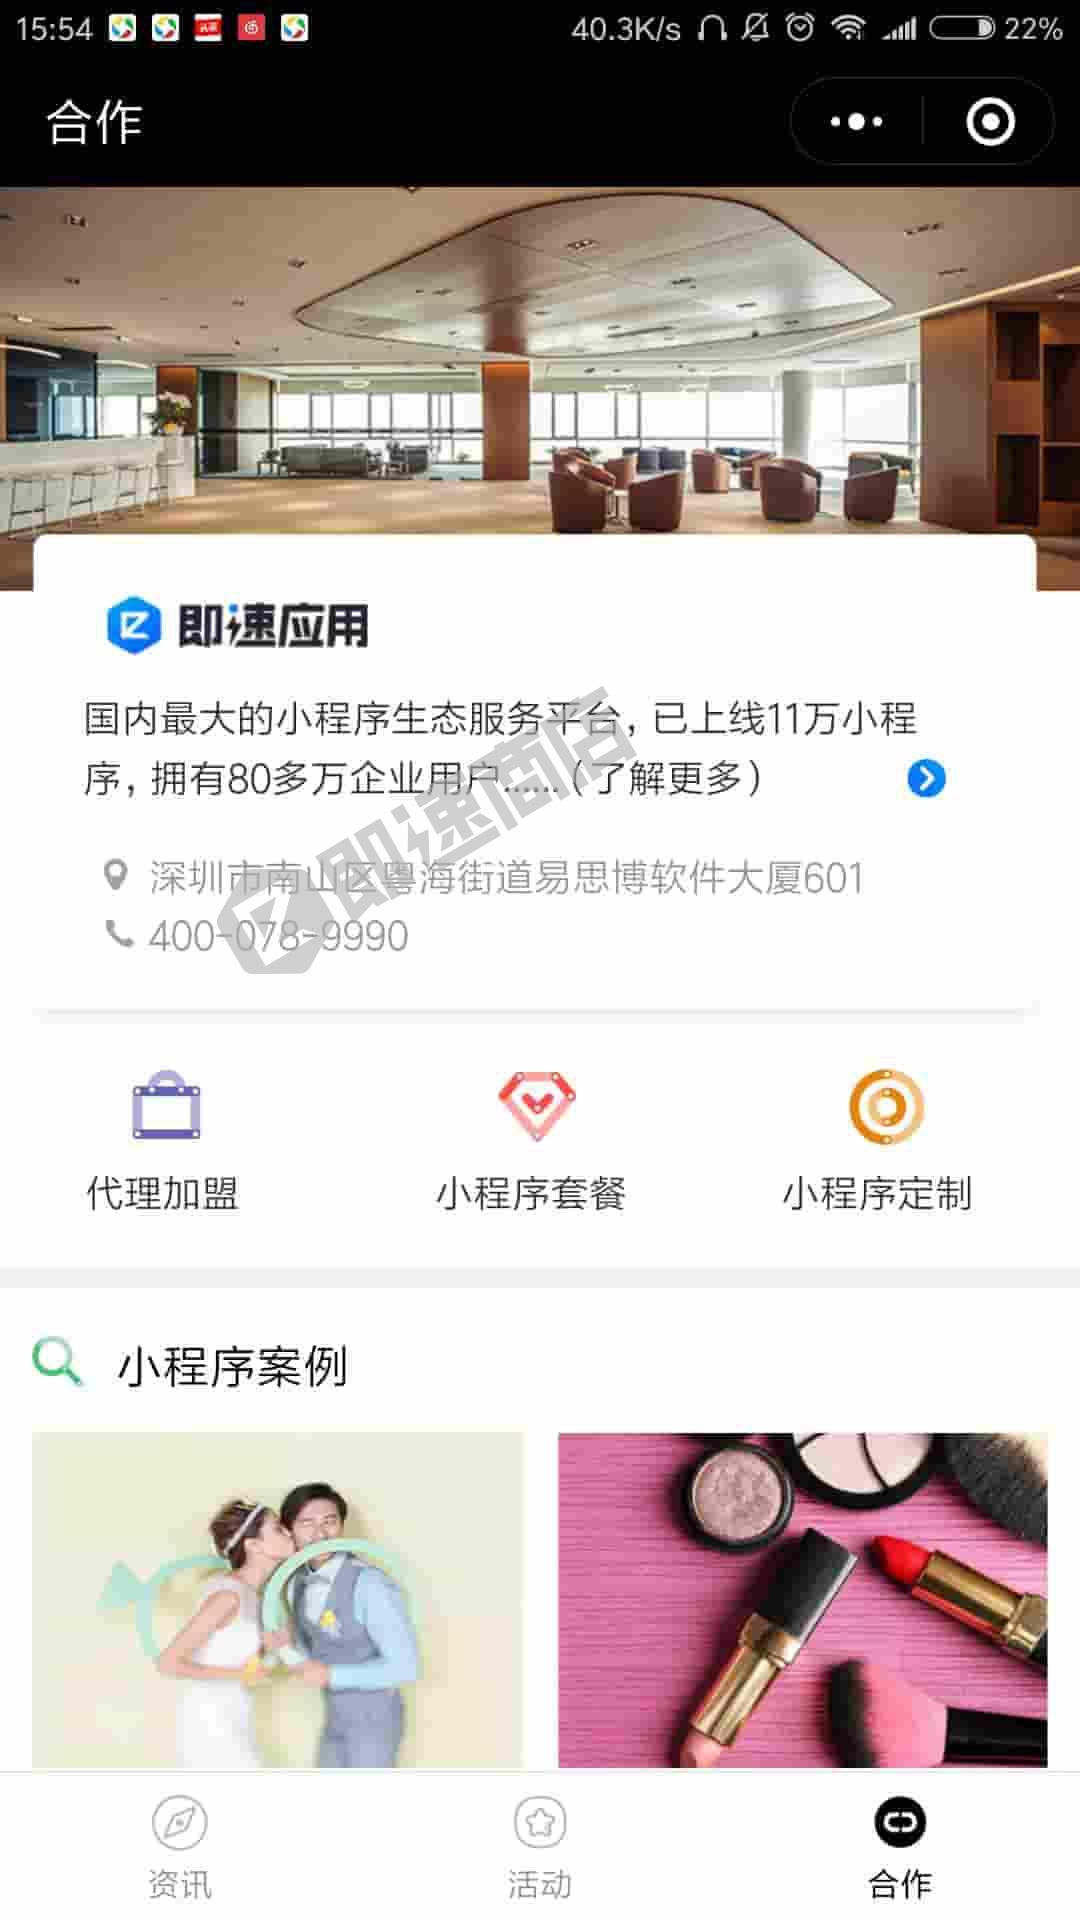 粤港8号餐厅小程序首页截图